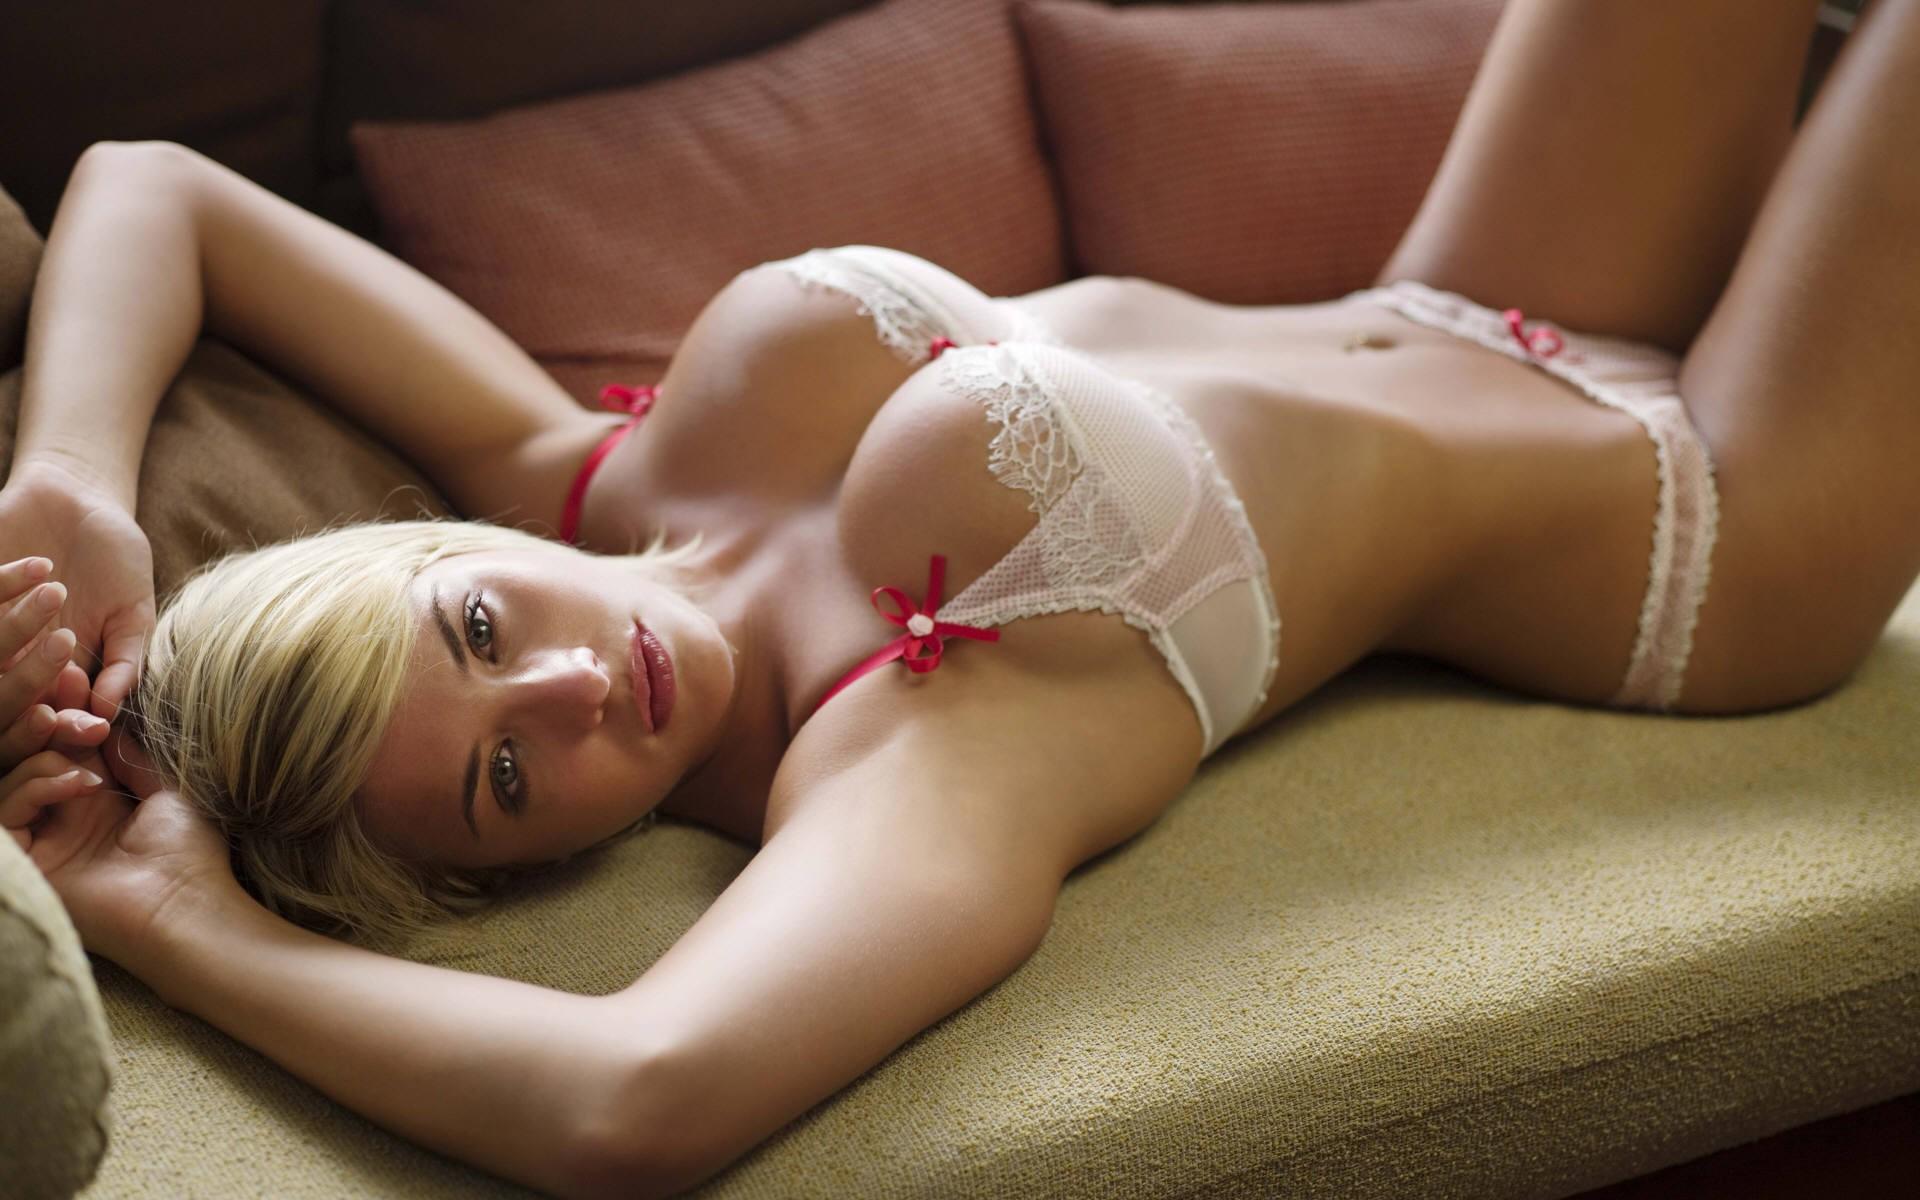 Женщины с красивой фигурой хотят достойного секса